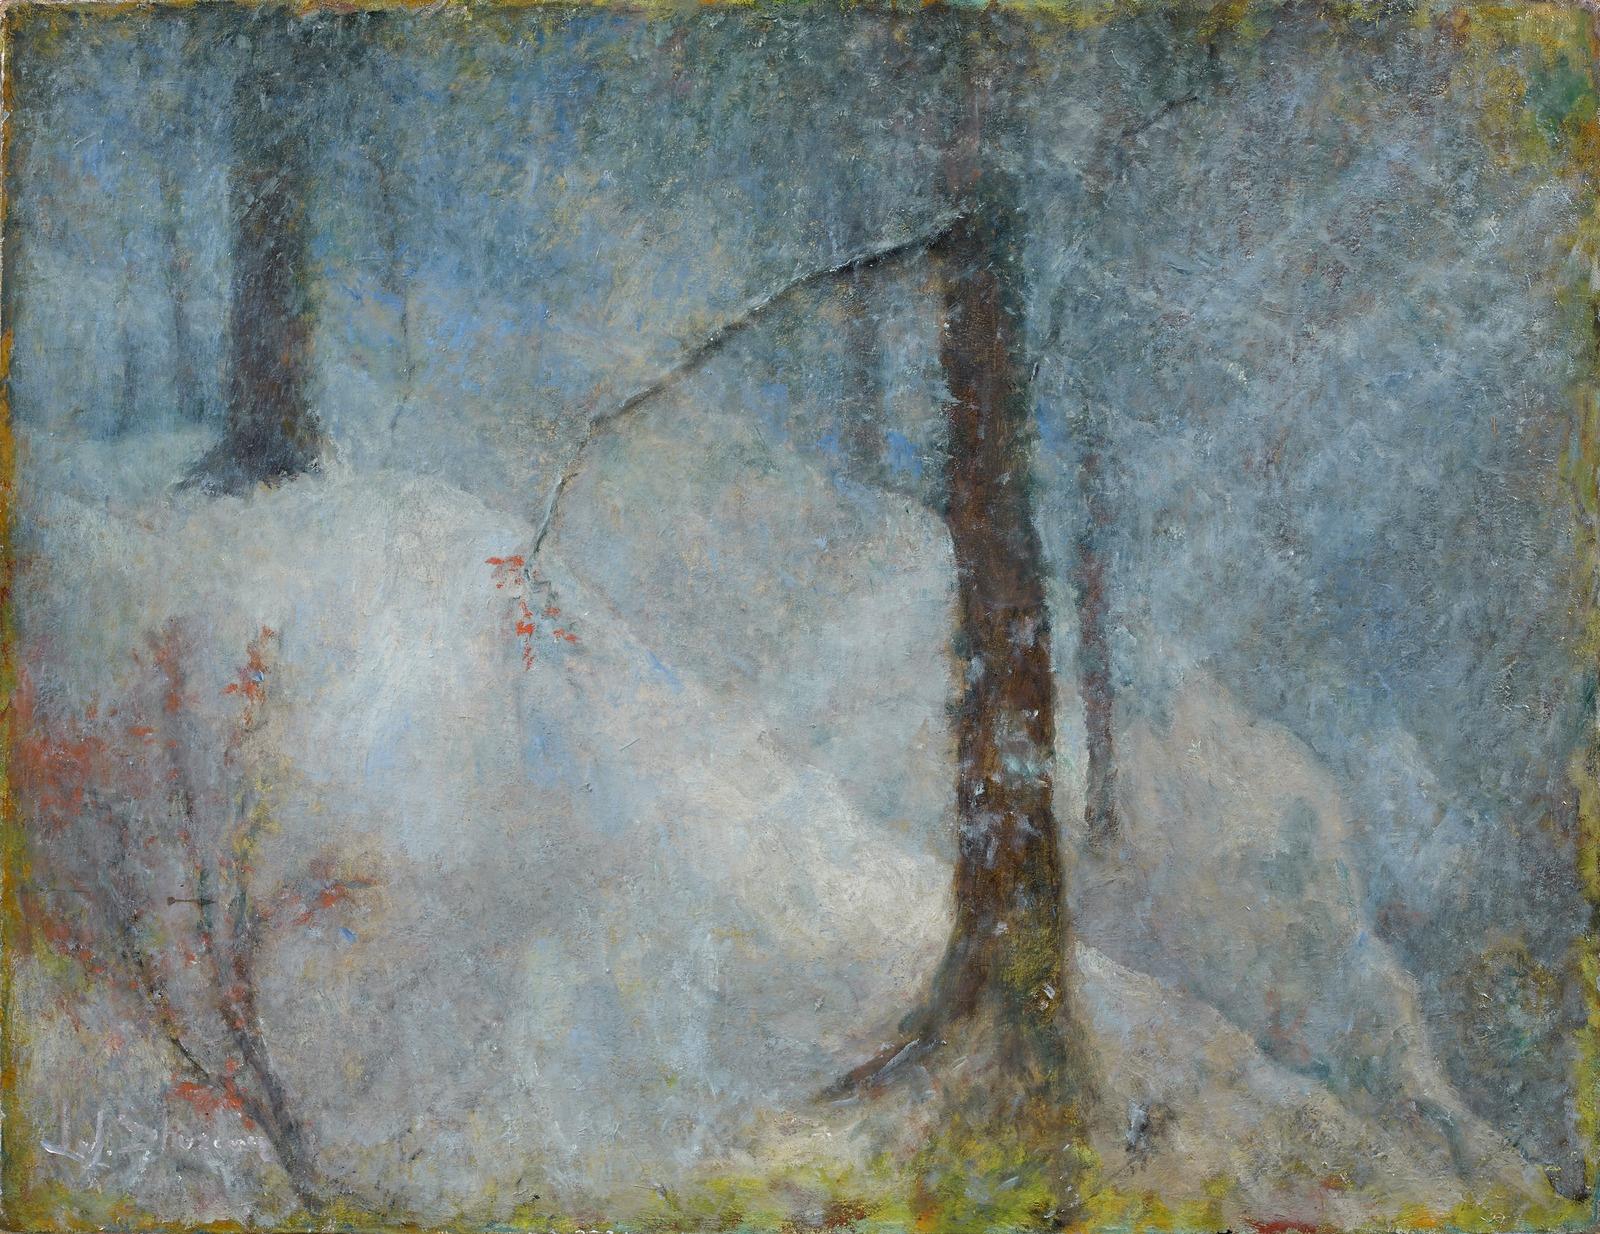 _______ ______ _ _______ _______ (Feuilles d'automnes dans un paysage de neige )_50 x 64.5__.,_.________ ________.jpg